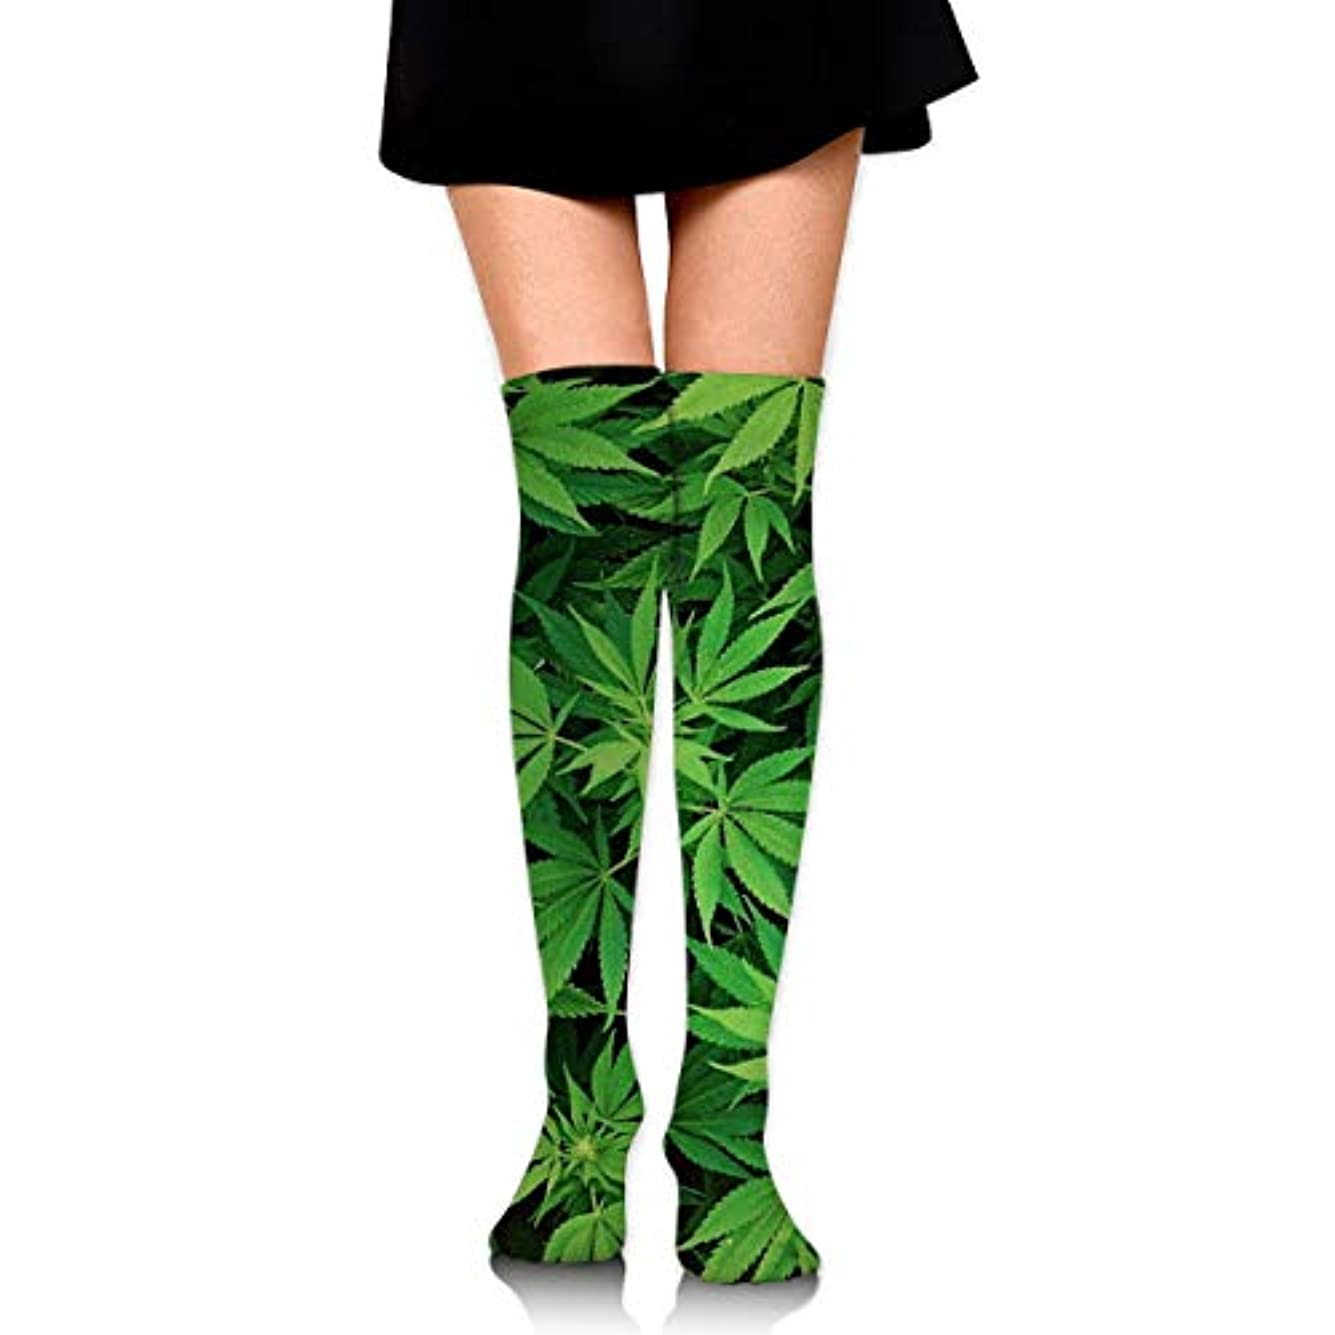 スクラップブック集団的不均一MKLOS 通気性 圧縮ソックス Breathable Thigh High Socks Over Exotic Psychedelic Print Compression High Tube Thigh Boot Stockings...